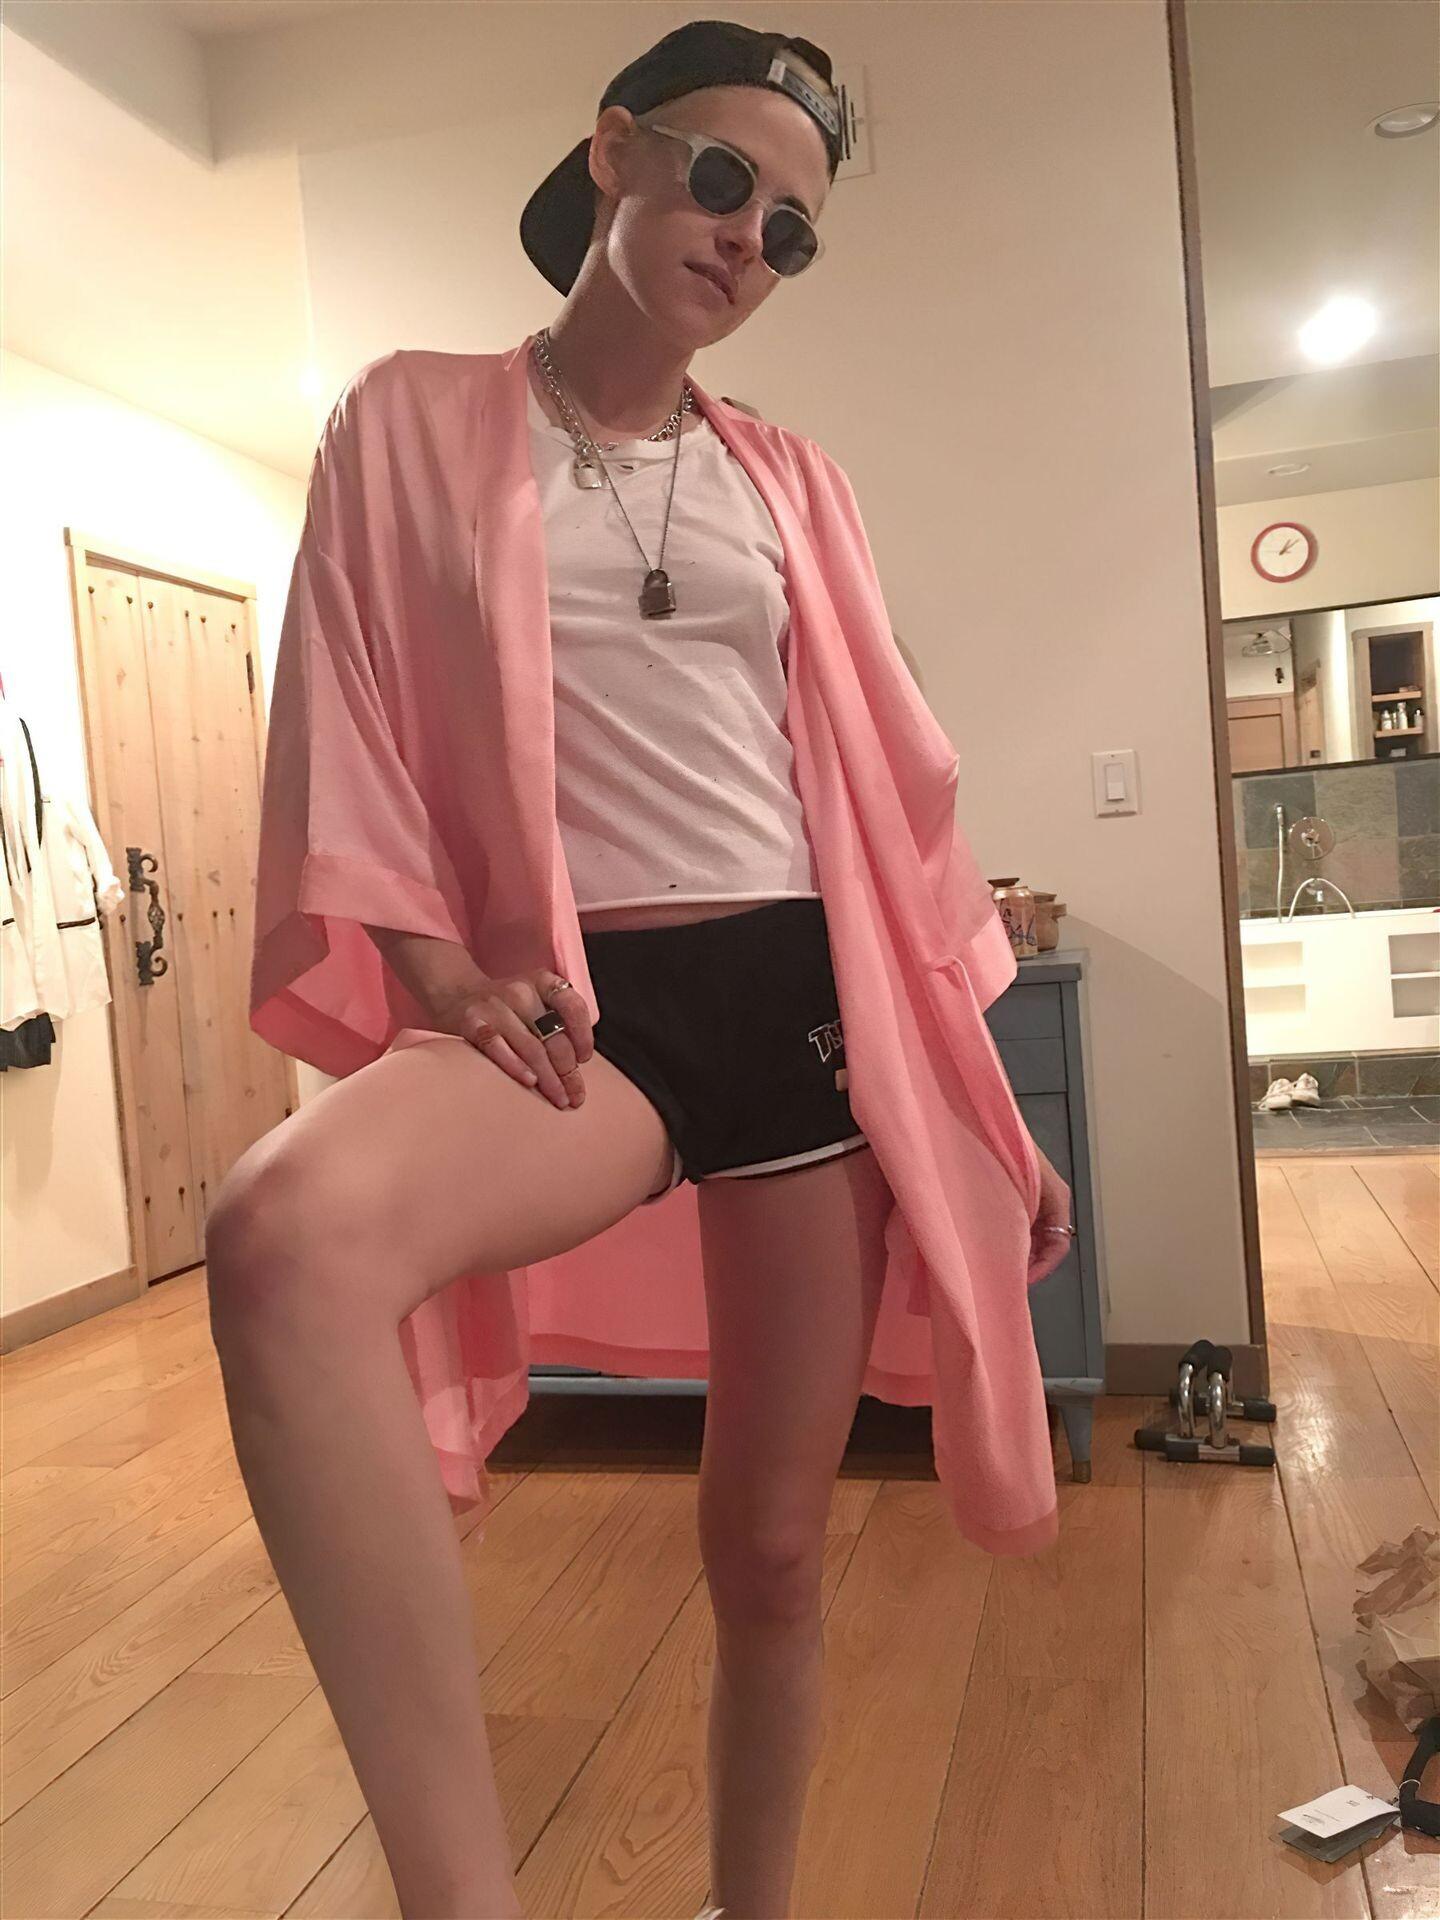 Kristen Stewart Nude Leaked 86 fappenings.com